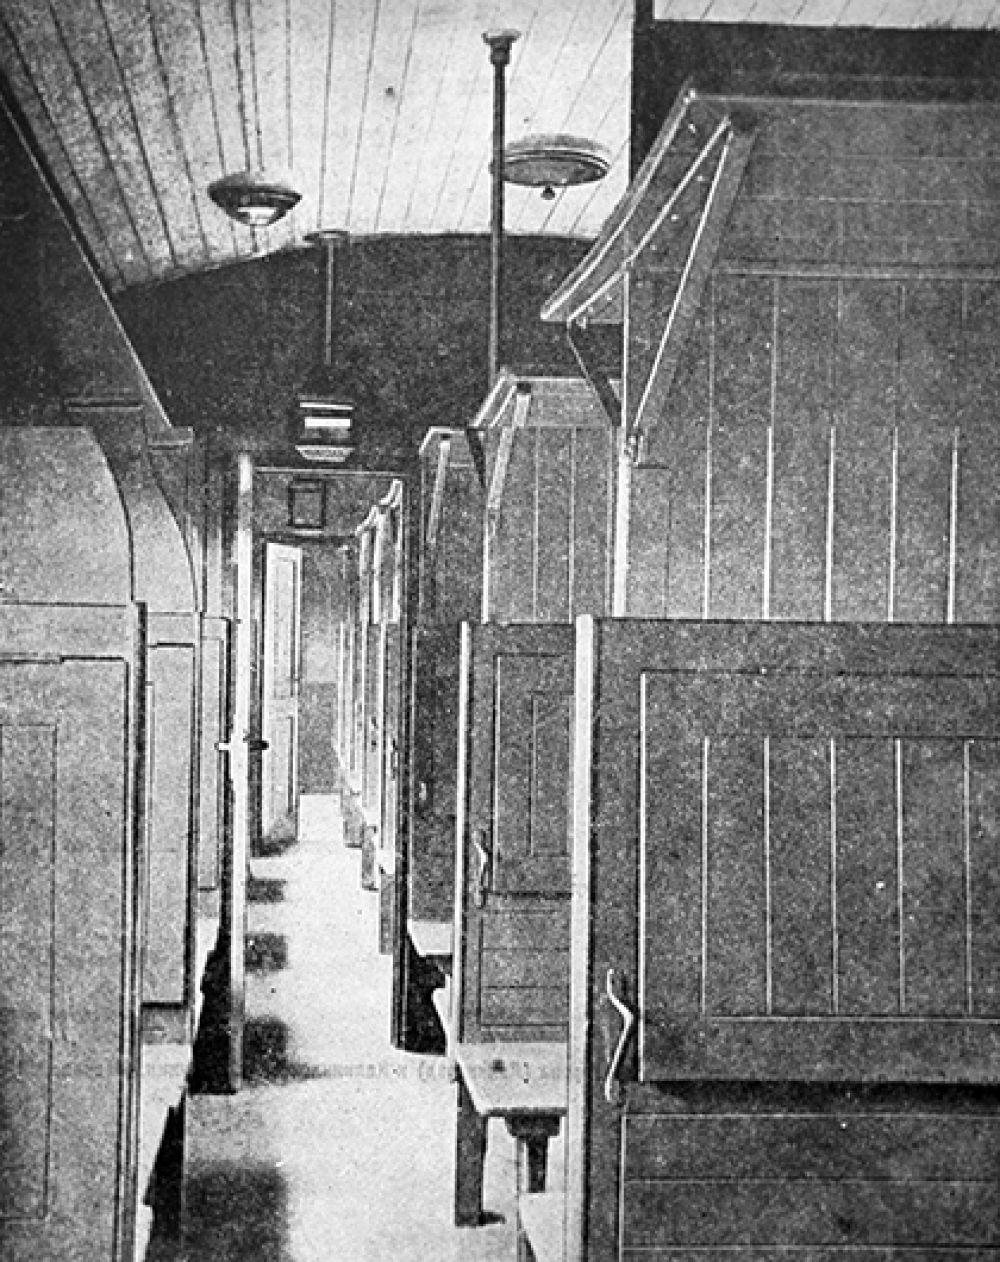 Места в пассажирском четырехосном вагоне. 1928 год.